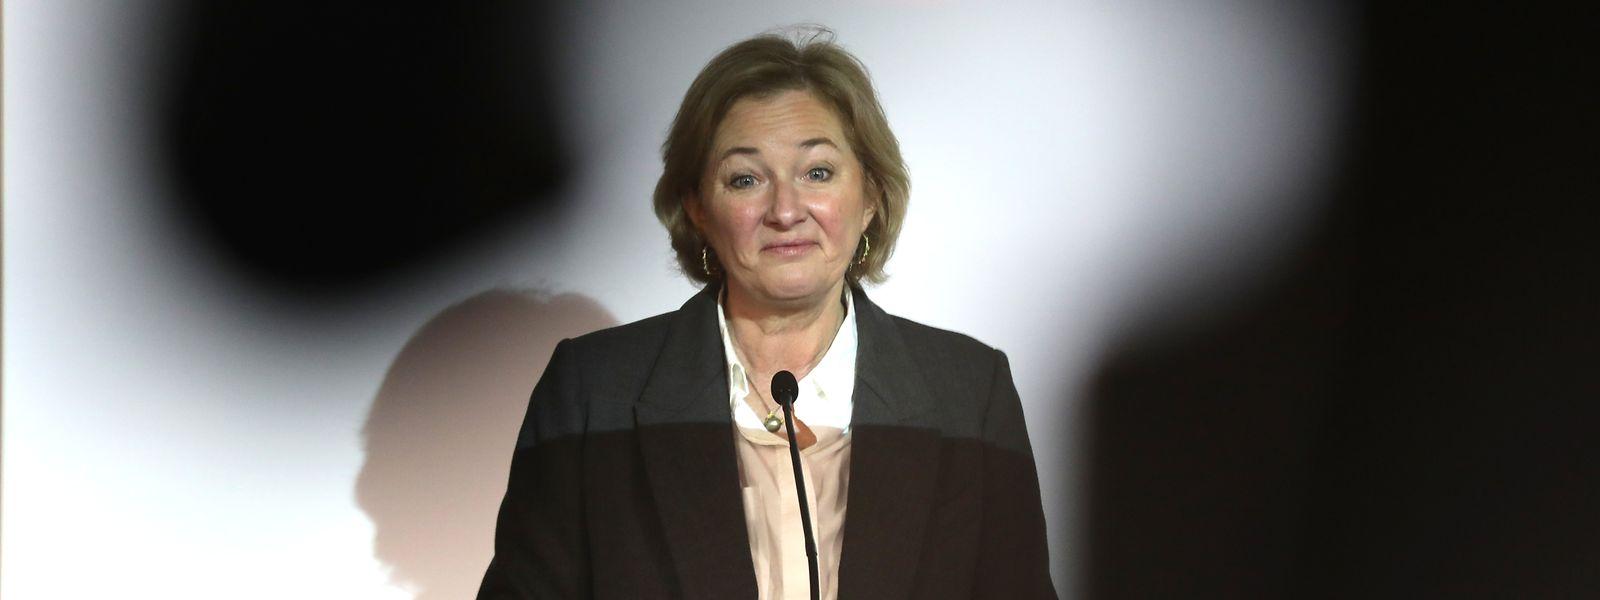 Pour faire face à la crise sanitaire actuelle, Paulette Lenert, ministre de la Santé, mise sur les personnels du secteur de la santé. Des personnels majoritairement frontaliers.